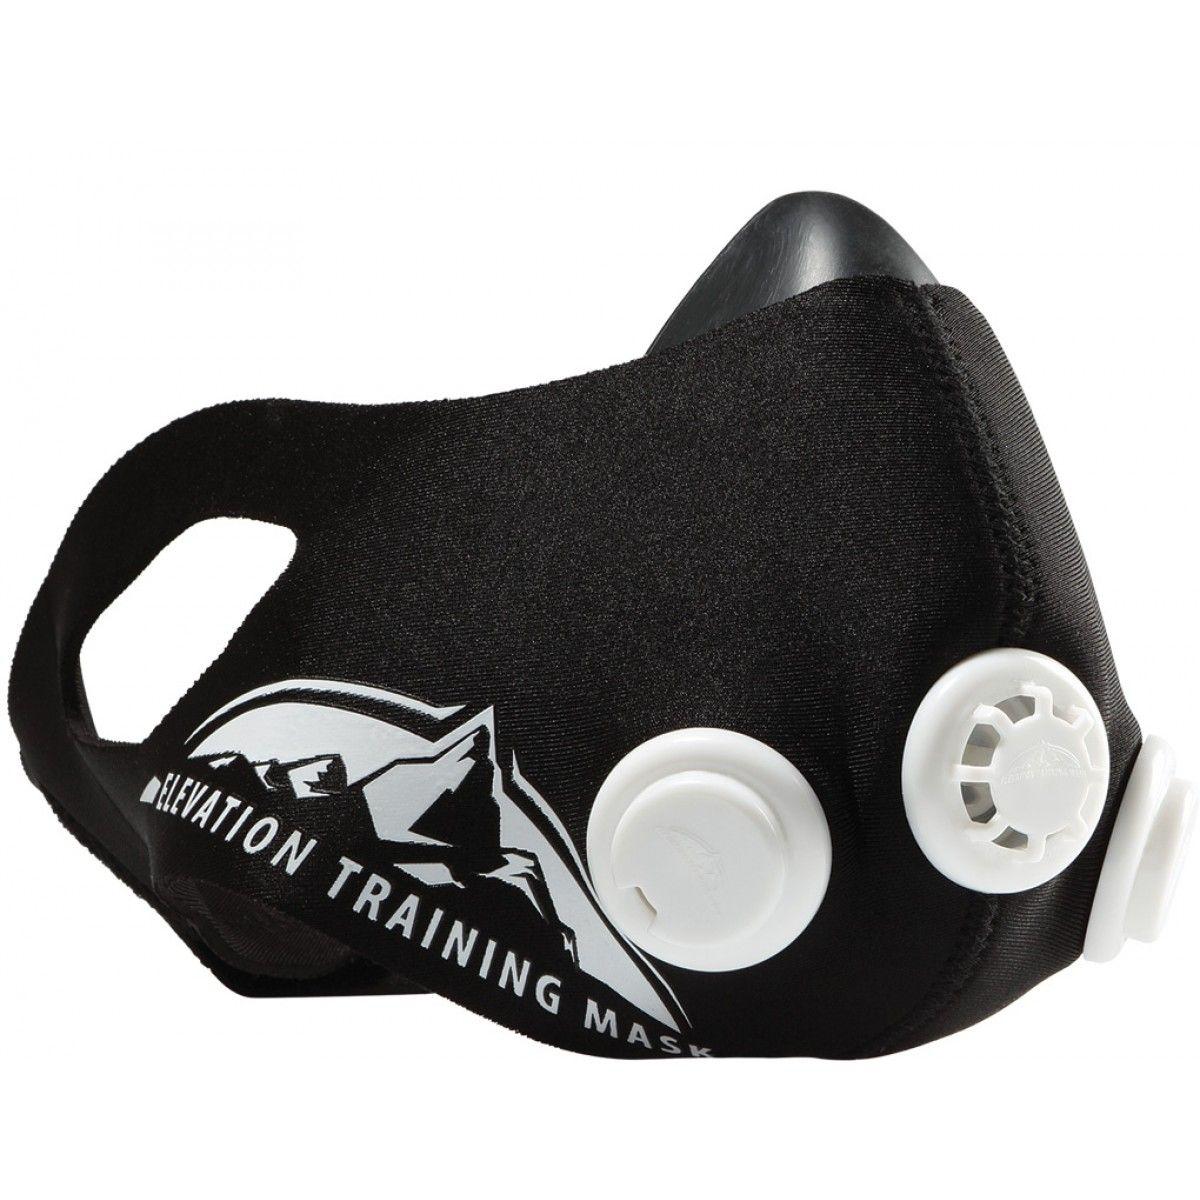 Тренировочная маска Elevation Training Mask 2.0 (размер S), для ограничения дыхания и выносливостиТренировочные маски<br>Тренировочная маска Elevation Training Mask 2.0 (размер S)<br><br> <br><br><br><br>Здоровый образ жизни приобретает все большую популярность. Существует множество приспособлений для занятий спортом. Training Мask 2.0 – революционный тренажер, который существенно увеличит продуктивность от тренировки. Множество спортсменов испытали действие спортивной маски.<br><br><br> <br><br><br>Современная жизнь оставляет мало свободного времени. Не каждый сможет позволить выделить на тренировки хотя бы час. Что же делать? Отказаться от спорта вообще или заниматься непродуктивно?<br><br><br> <br><br><br>Маска elevation training увеличивает эффект от занятий спортом! За счет уникальной конструкции, имитируются условия тренировки в Альпах. Это позволяет заниматься всего лишь 20 минут! И эффект будет как от часовой тренировки.<br><br><br> <br><br>Как устроена Elevation Mask 2.0?<br><br>Надежное крепление – благодаря специальным отверстиям для ушей, тренировочная маска останется в одном положении даже во время самых интенсивных тренировок.<br><br><br>Уникальное покрытие – специальное покрытие создает воздухонепроницаемое уплотнение. Оно не только моющееся, но и создается в различных цветовых вариантах!<br><br><br>Разные размеры – создаются маски малого, среднего и большого размера – все для вашего удобства.<br><br><br>Клапаны сопротивления – уникальная разработка! С помощью клапанов elevation mask 2.0 ваше тело будет тренироваться еще лучше!<br><br><br> <br><br><br> <br><br><br> <br><br>Устройство маски:<br><br>Переменное сопротивление – Специальные колпачки позволяют изменить сопротивление, исходя из построения силовой тренировки или на выносливость.<br><br><br>Клапан регулировки входного потока воздуха – устройство, увеличивающее сопротивление воздухозаборника, благодаря чему имитируется тренировка на высоте.<br><br><br>Переключение интенсивности – мобильность ко